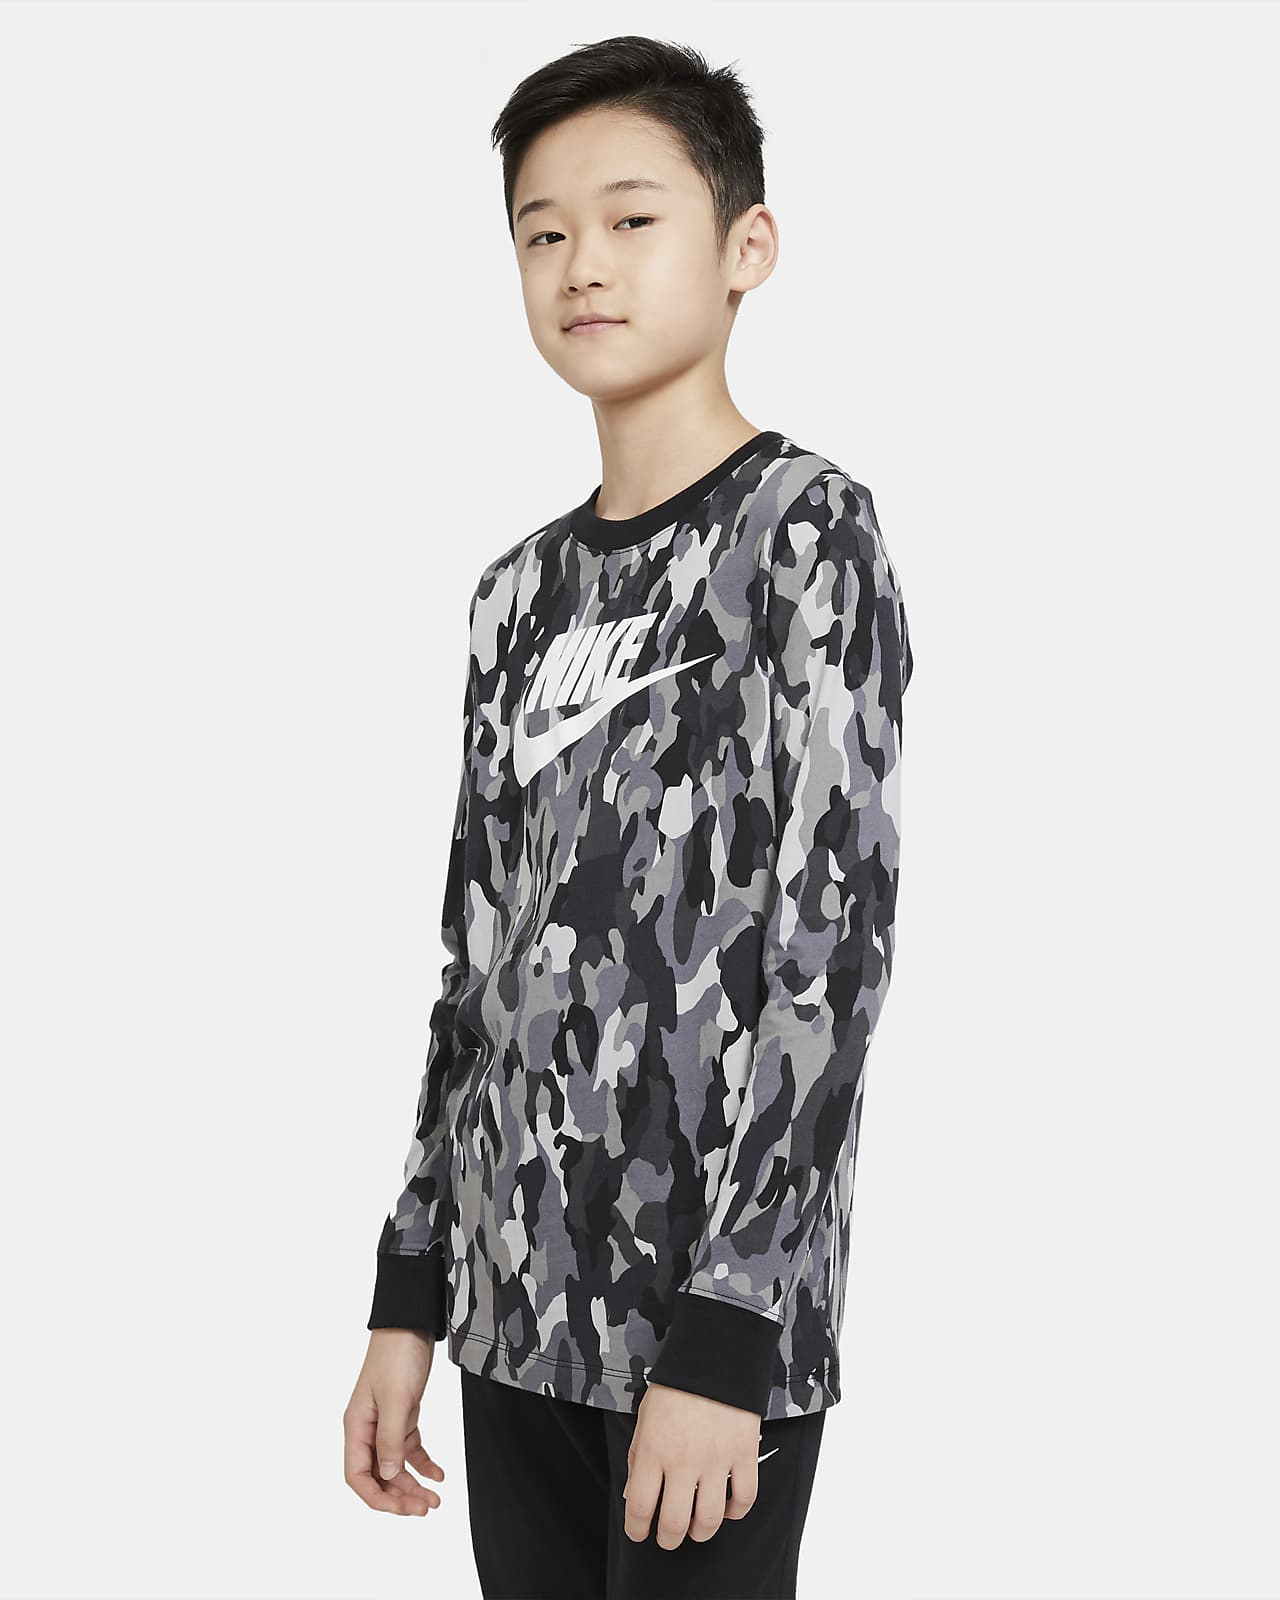 Tee-shirt imprimé à manches longues Nike Sportswear pour Garçon plus âgé